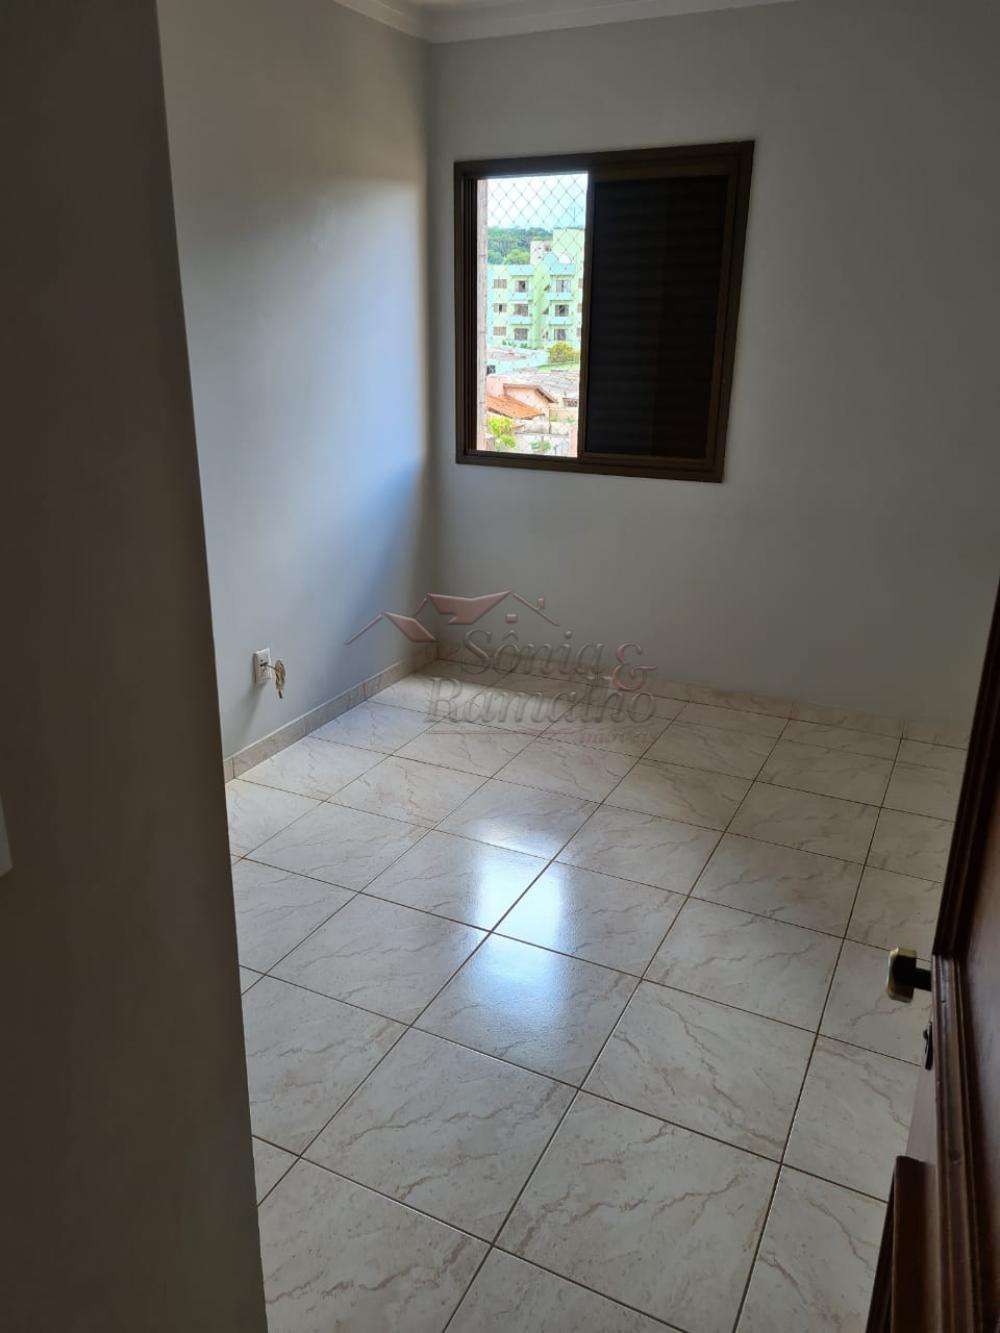 Comprar Apartamentos / Padrão em Ribeirão Preto apenas R$ 375.000,00 - Foto 13